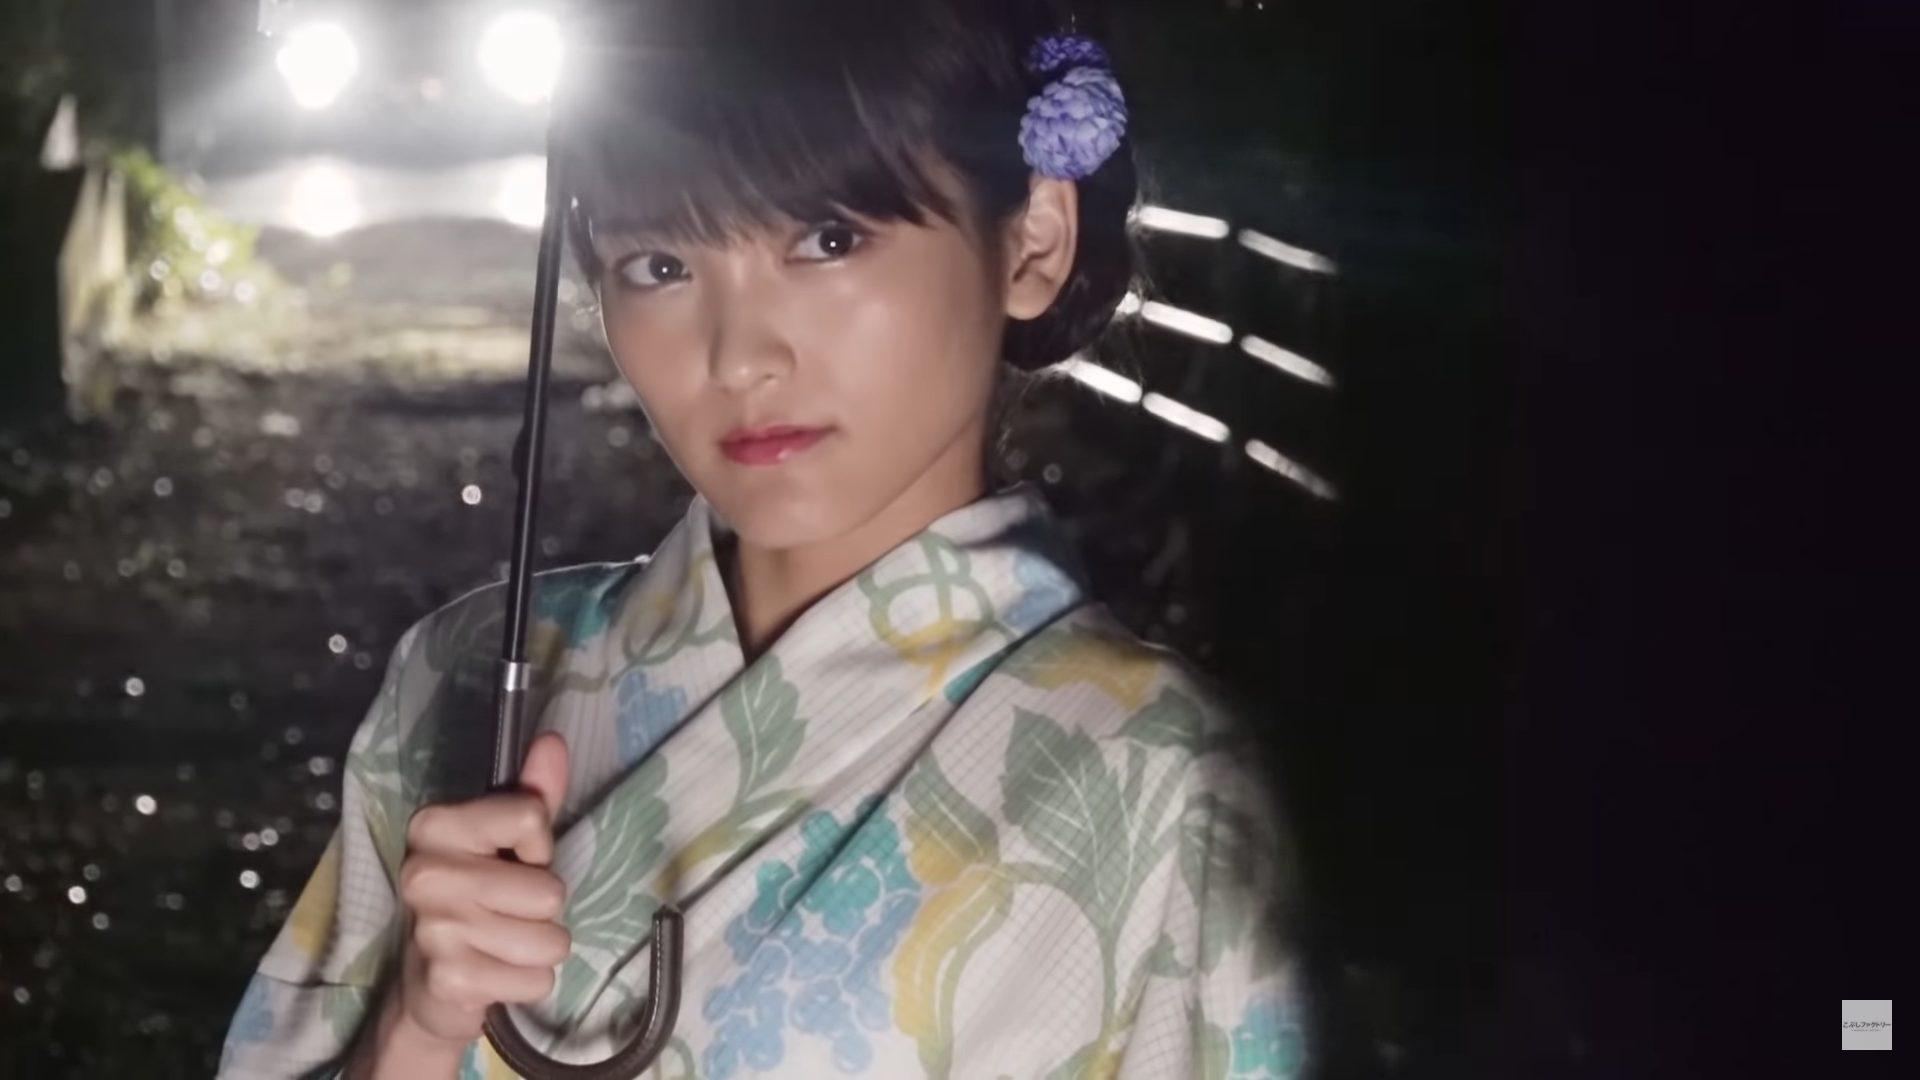 【野村みな美】-カップ ファースト写真集「清,爽」発売決定!水着姿を披露!